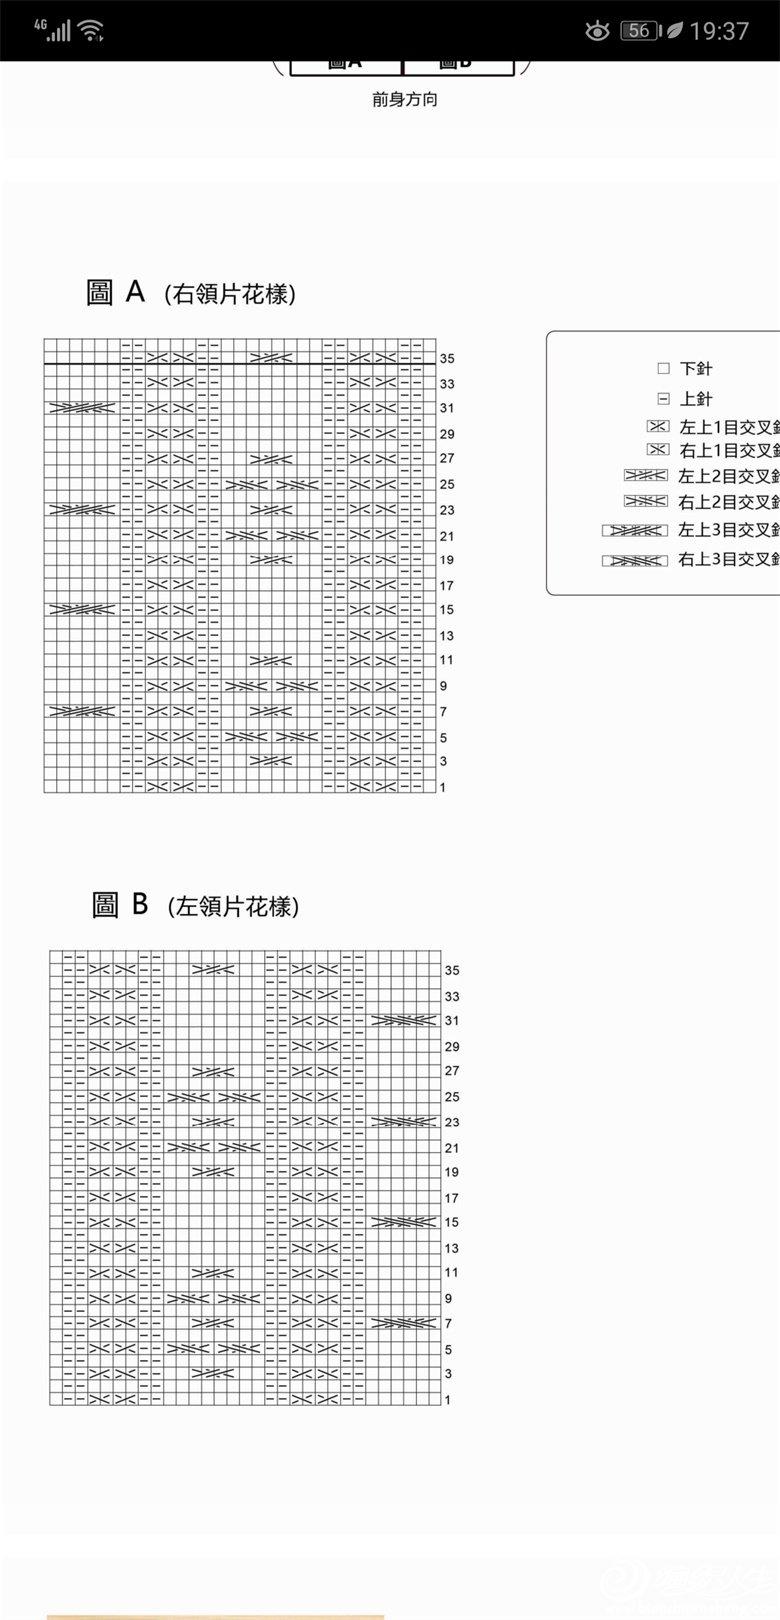 Screenshot_20181111-193734.jpg